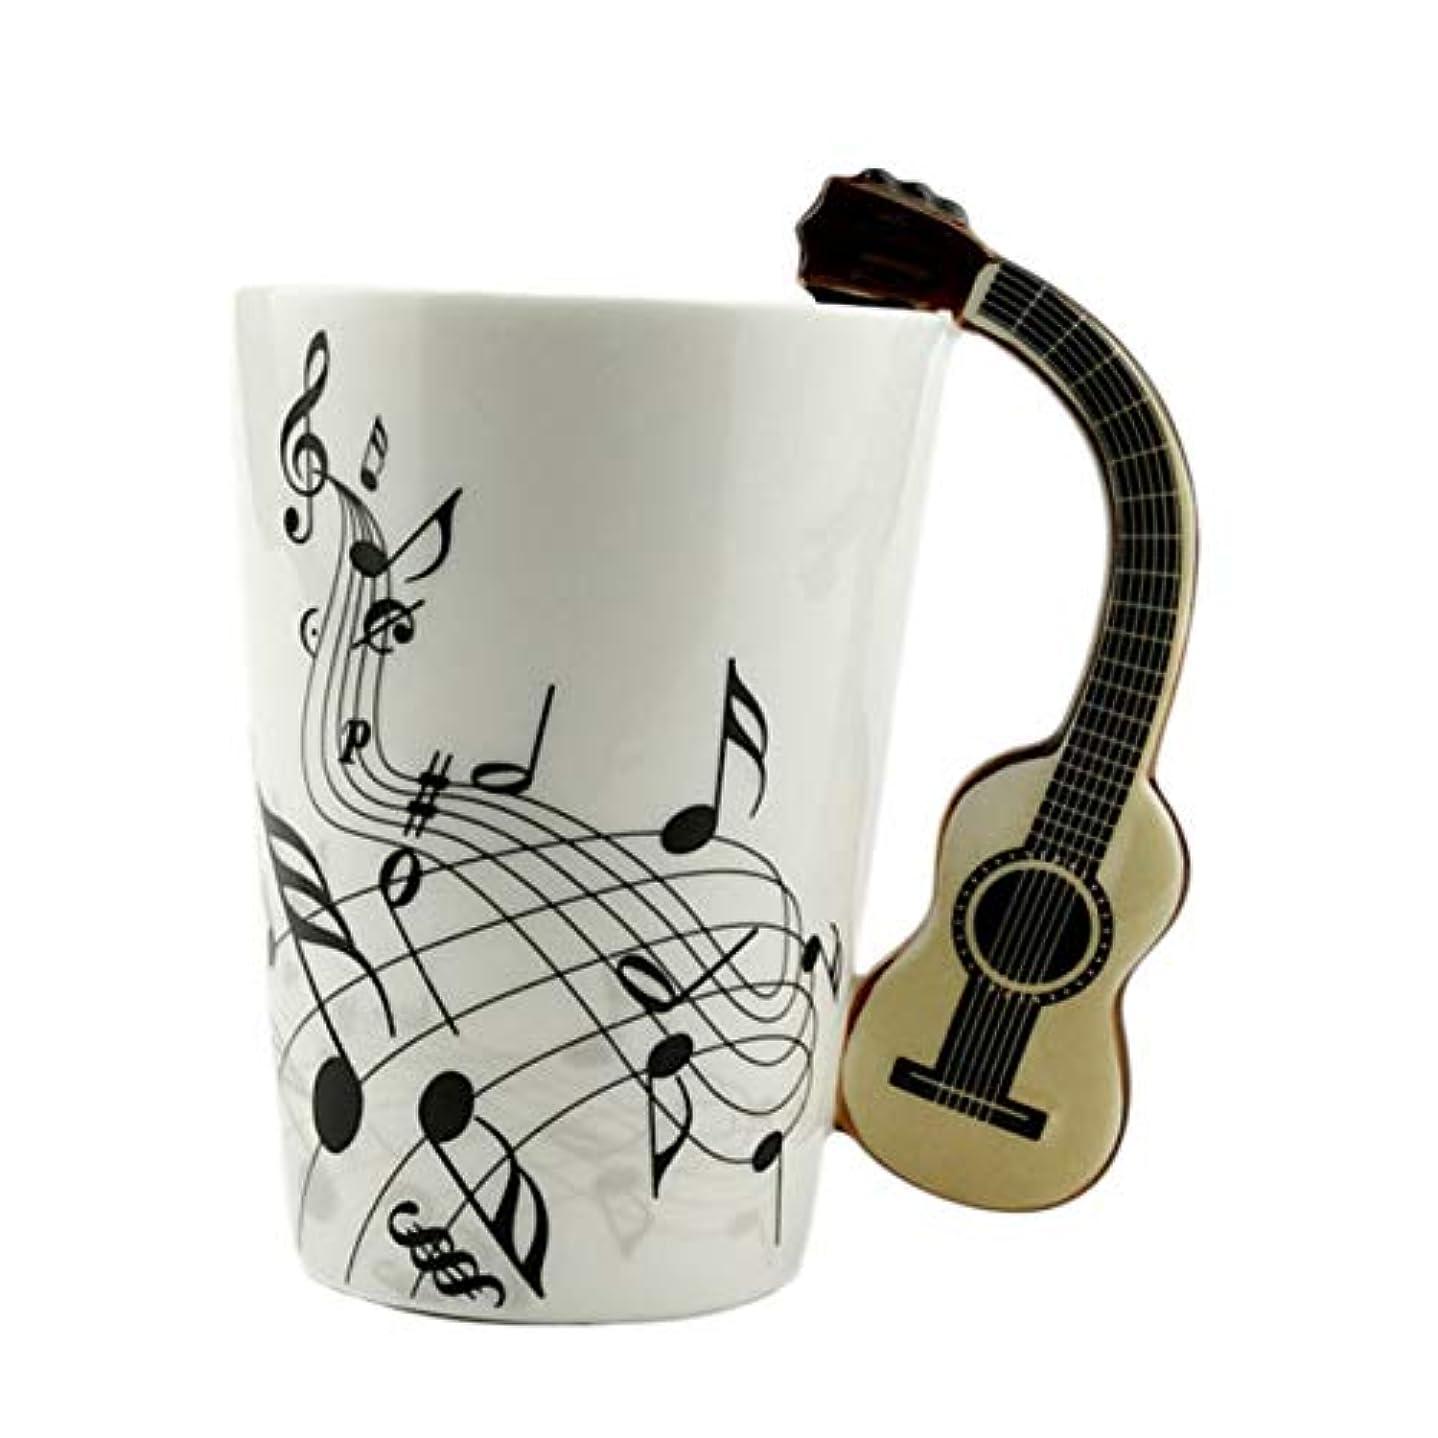 霧深い連合ファンドSaikogoods ノベルティアートセラミックマグカップ楽器は スタイルのコーヒーミルクカップクリスマスギフトホームオフィスカップ グラスに注意してください。 ホワイトボディギター